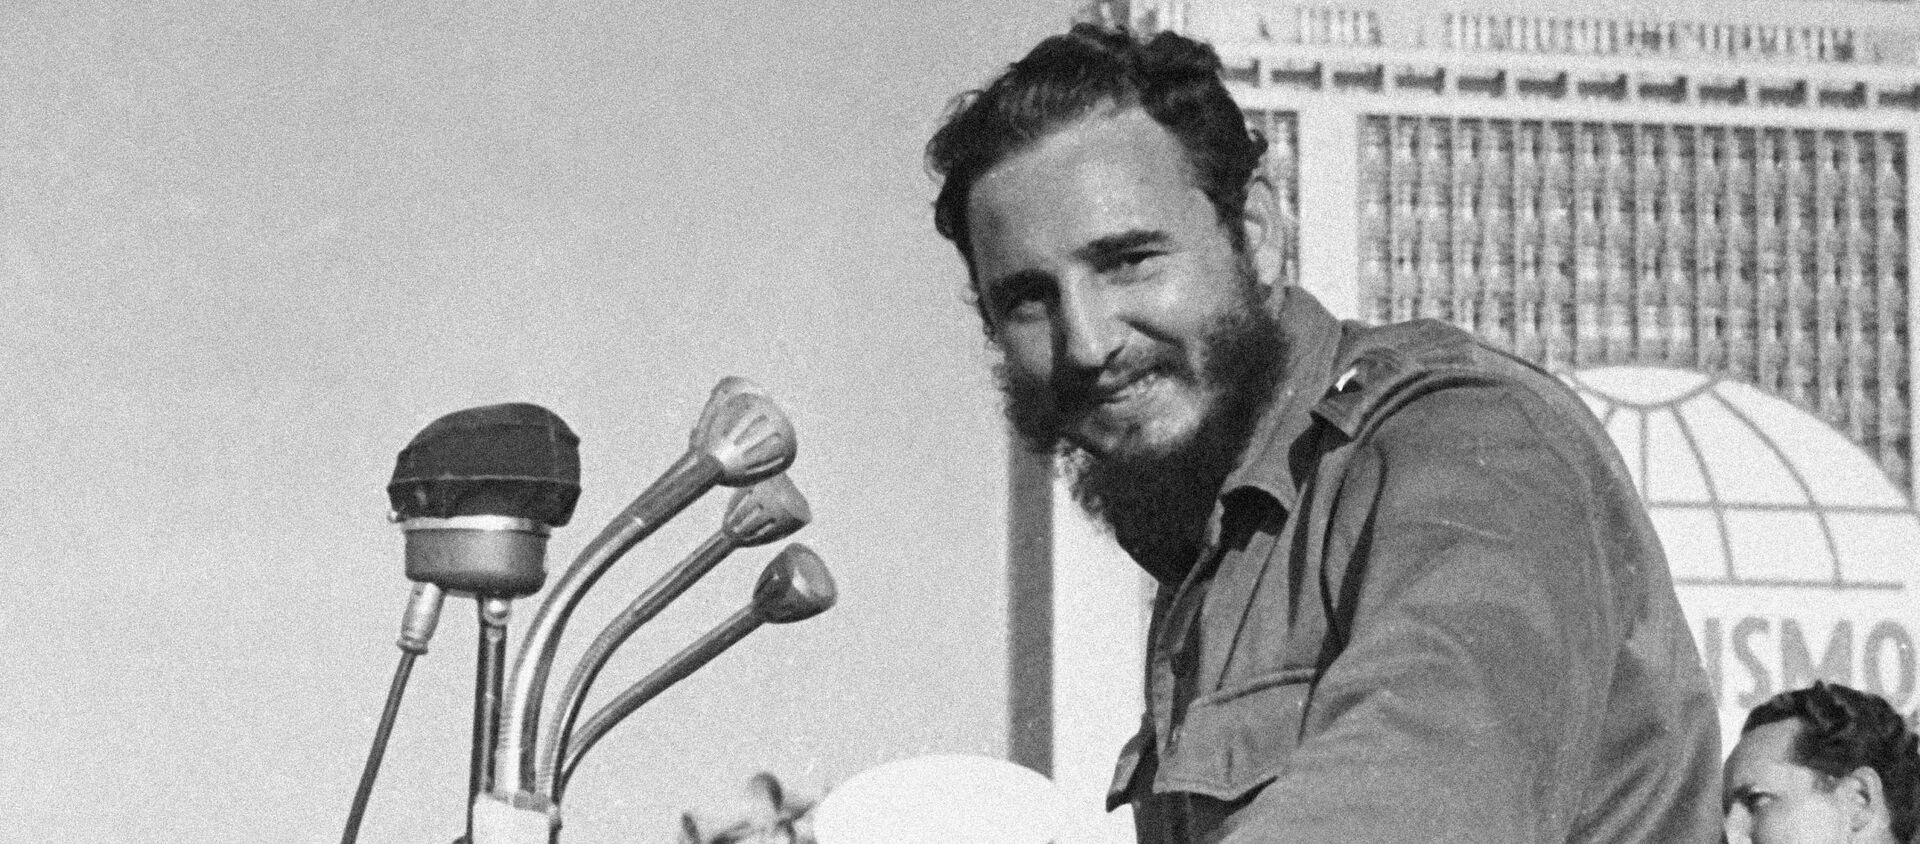 Кубинский лидер Фидель Кастро Рус на выступлении. - Sputnik Абхазия, 1920, 13.08.2021